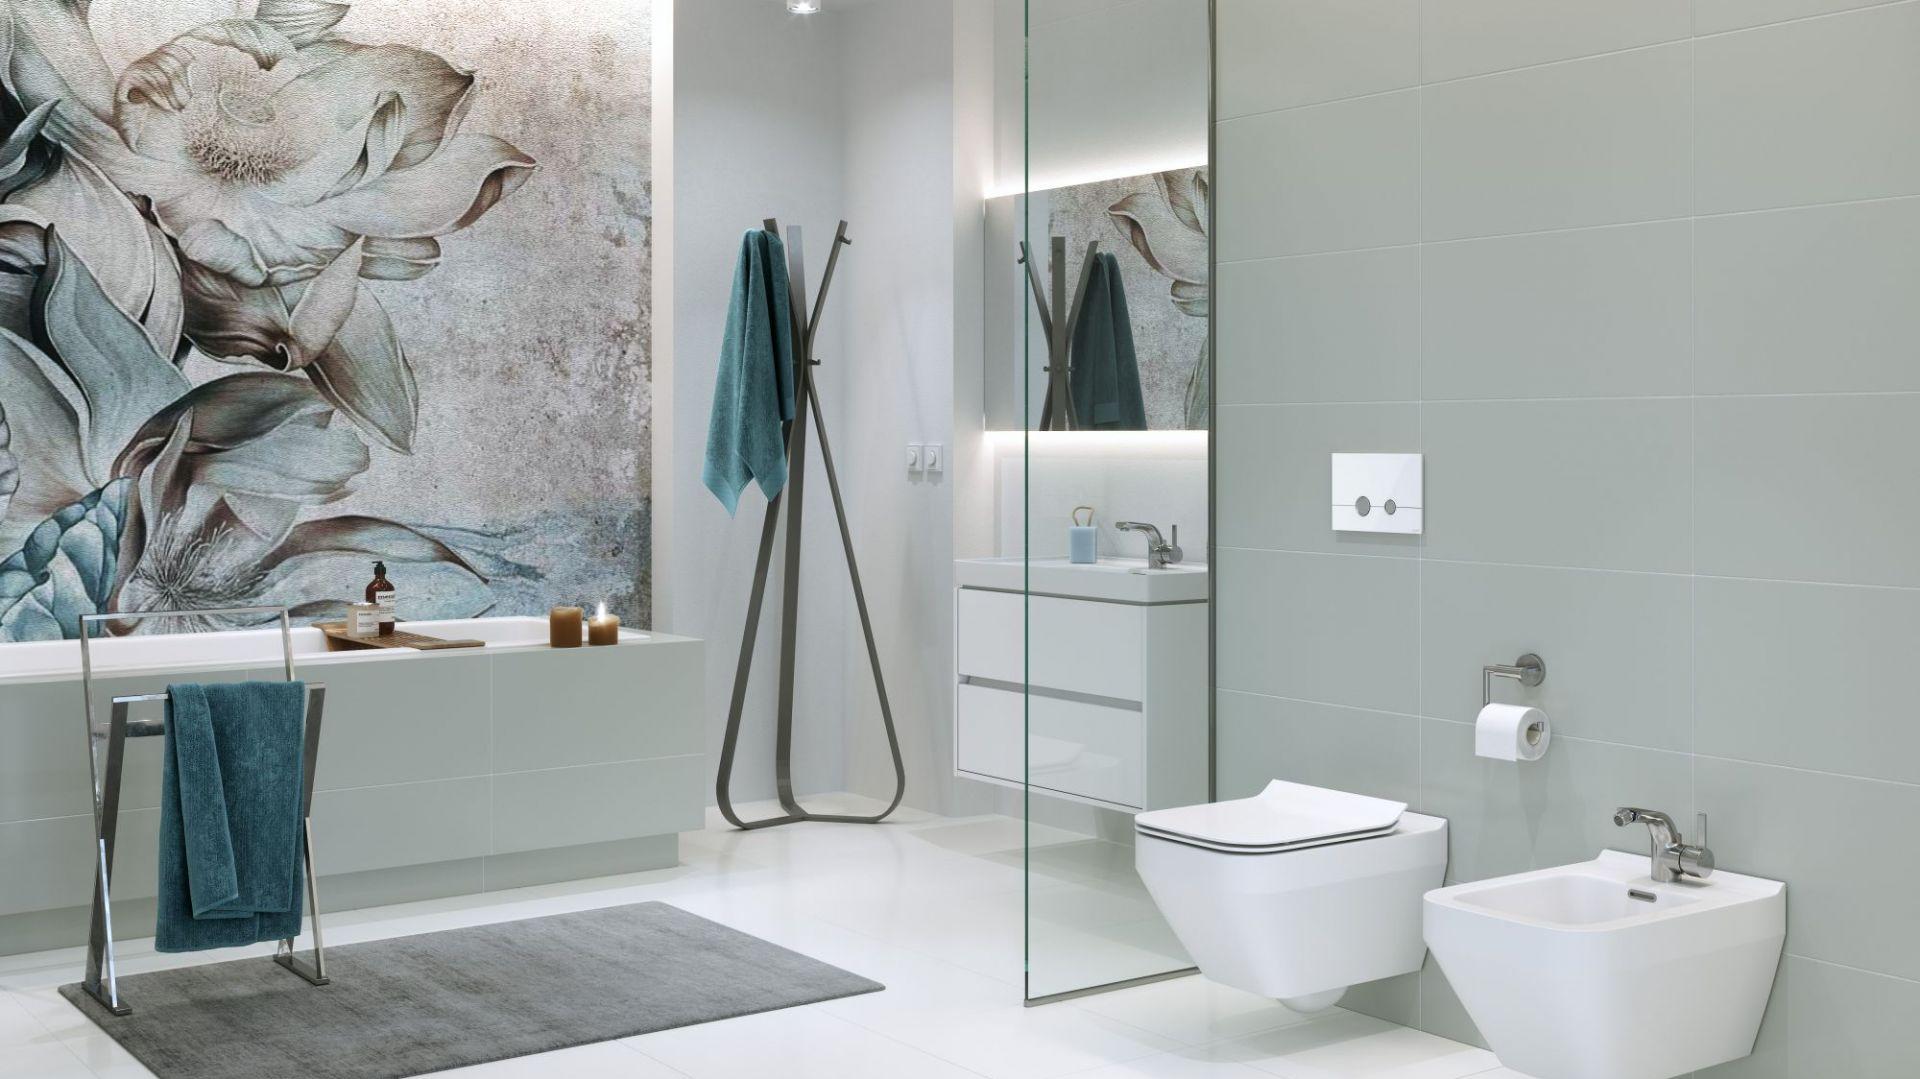 Stelaże podtynkowe: rozwiązanie do każdej łazienki. Fot. Cersanit